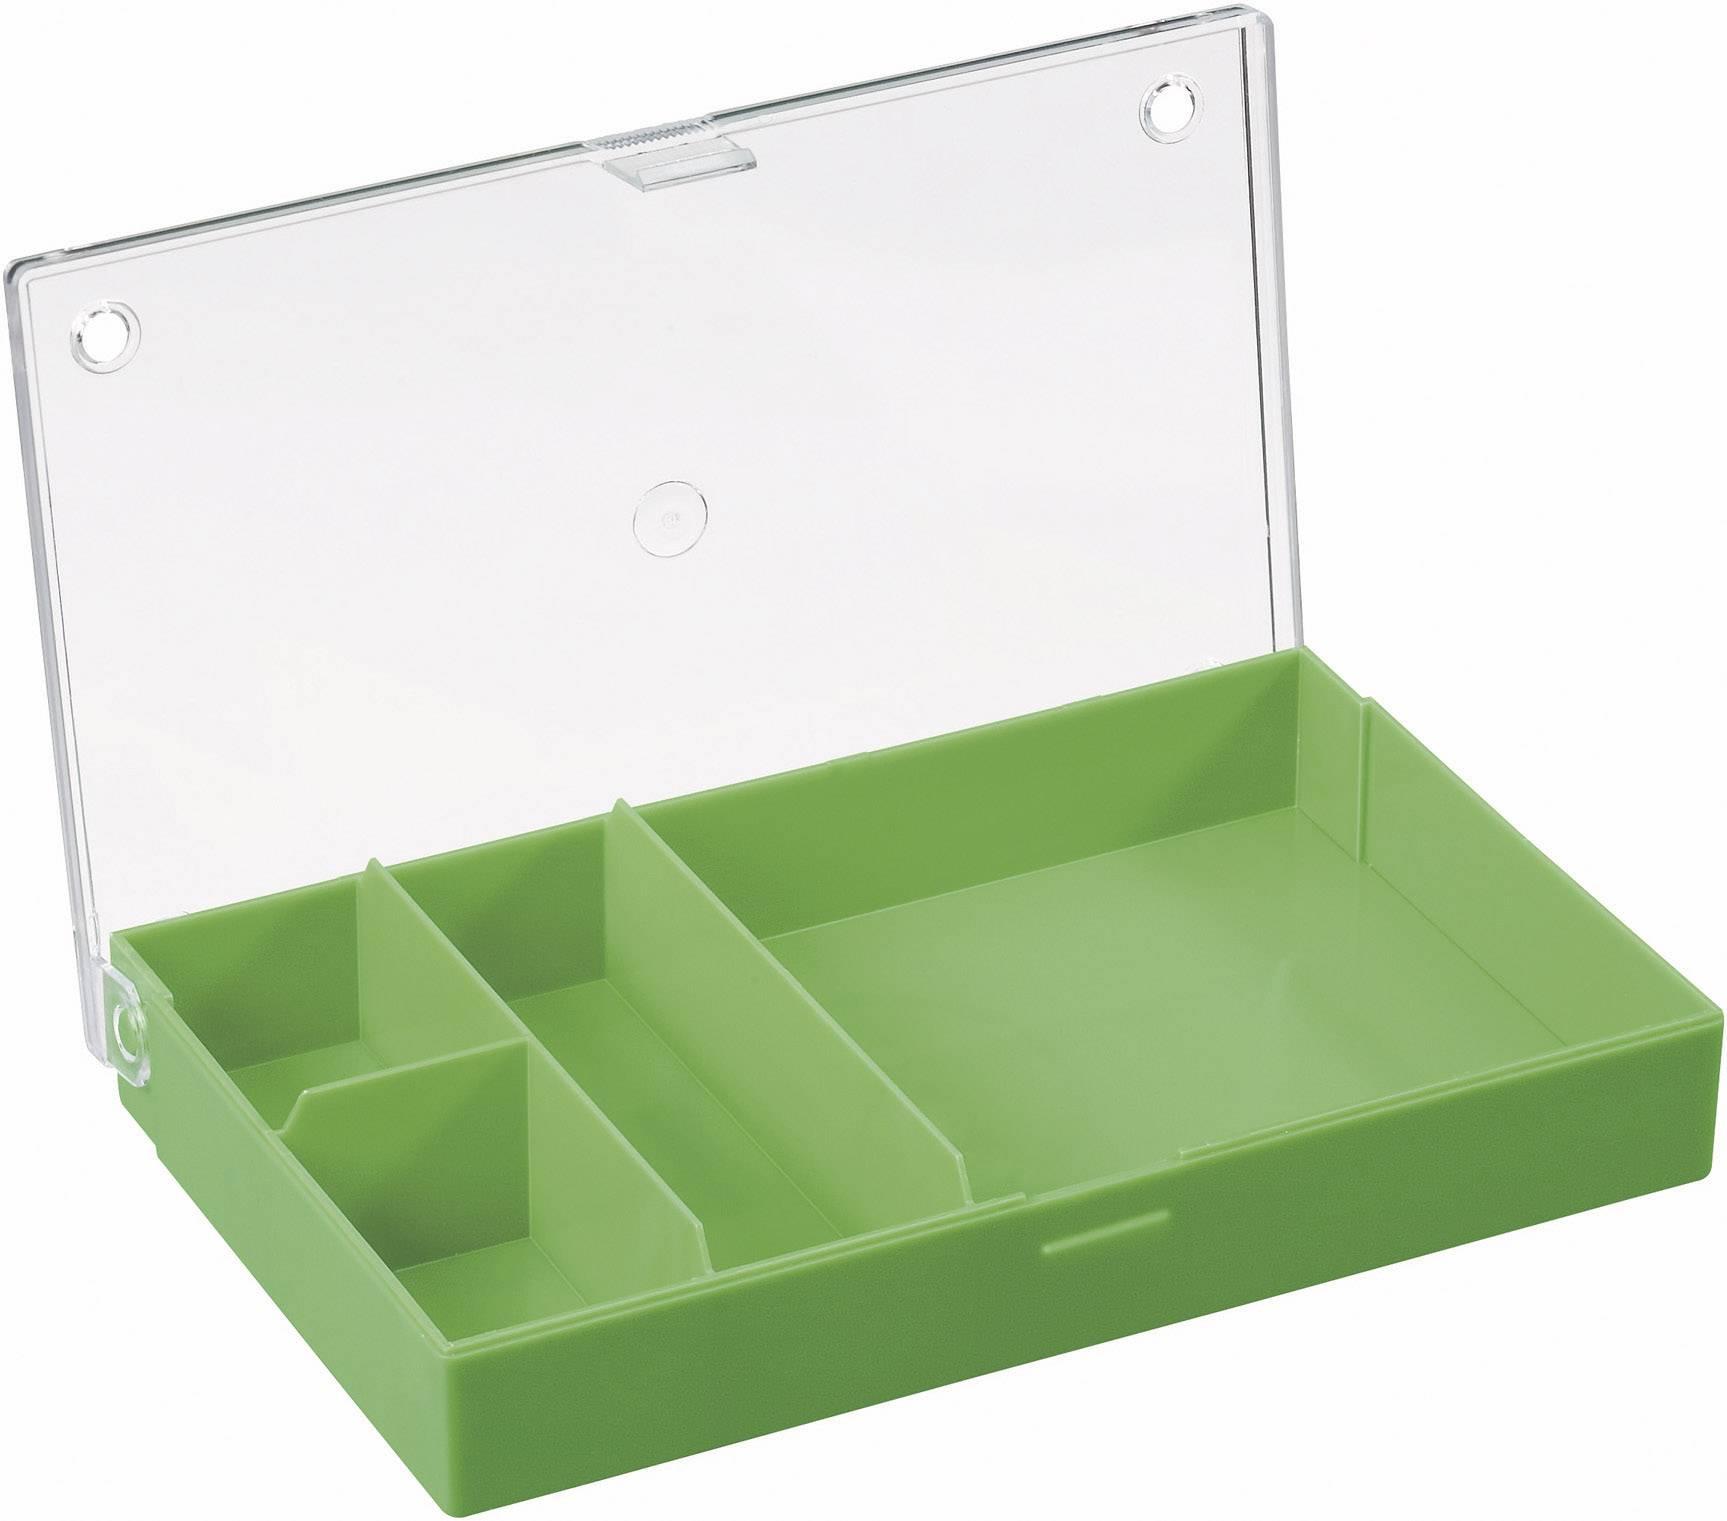 Krabička na drobné súčiastky 800002, priečinkov: 4, 164 x 31 x 101